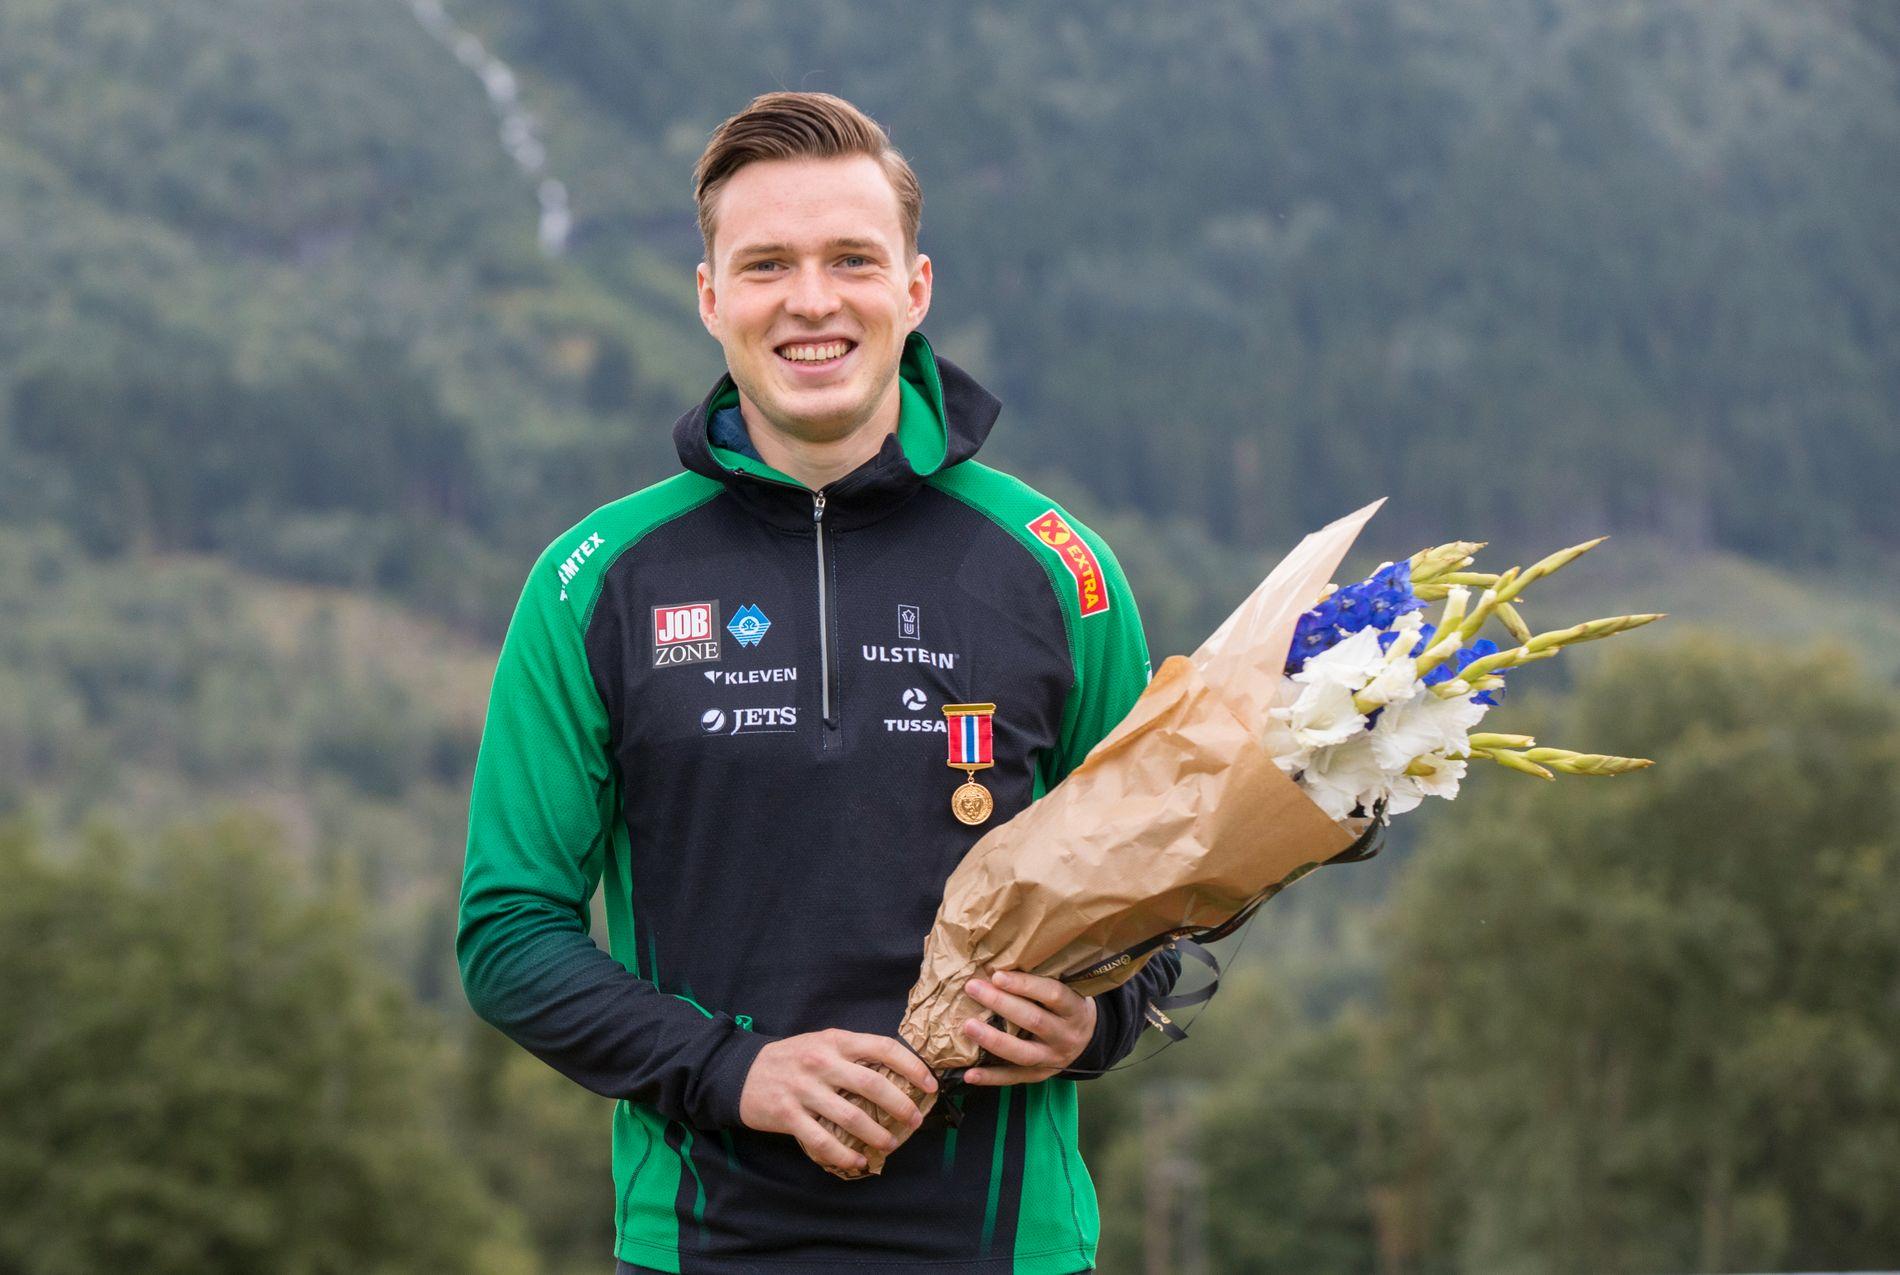 KONGEPOKAL OG GULLMEDALJE: Karsten Warholm fikk både kongepokalen for fjerde året på rad og friidrettens årlige gullmedalje under NM i Byrkjelo.